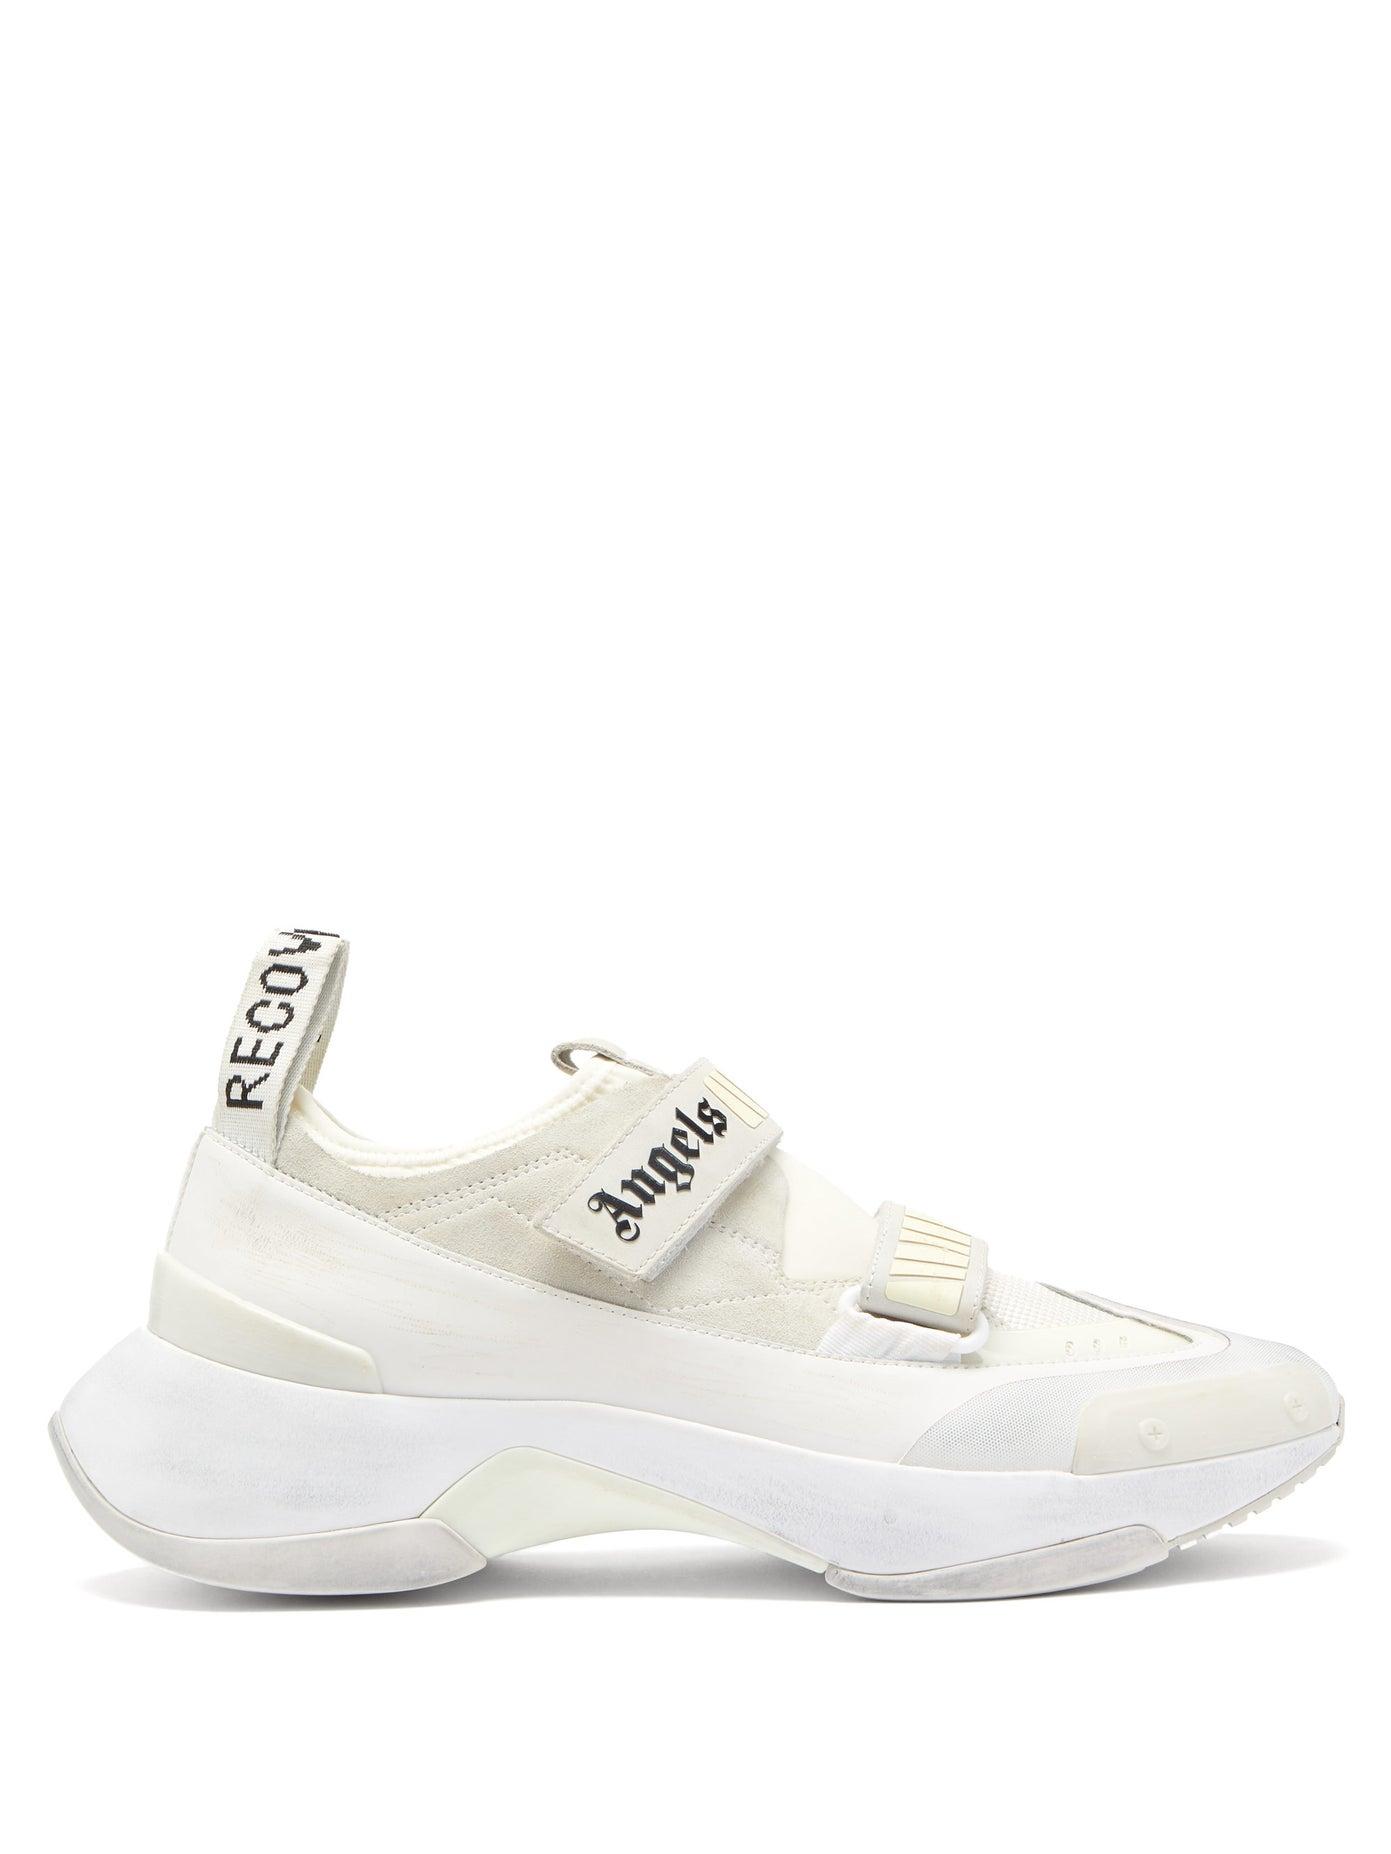 Die besten weißen Sneaker 2020: Palm Angels white sneakers